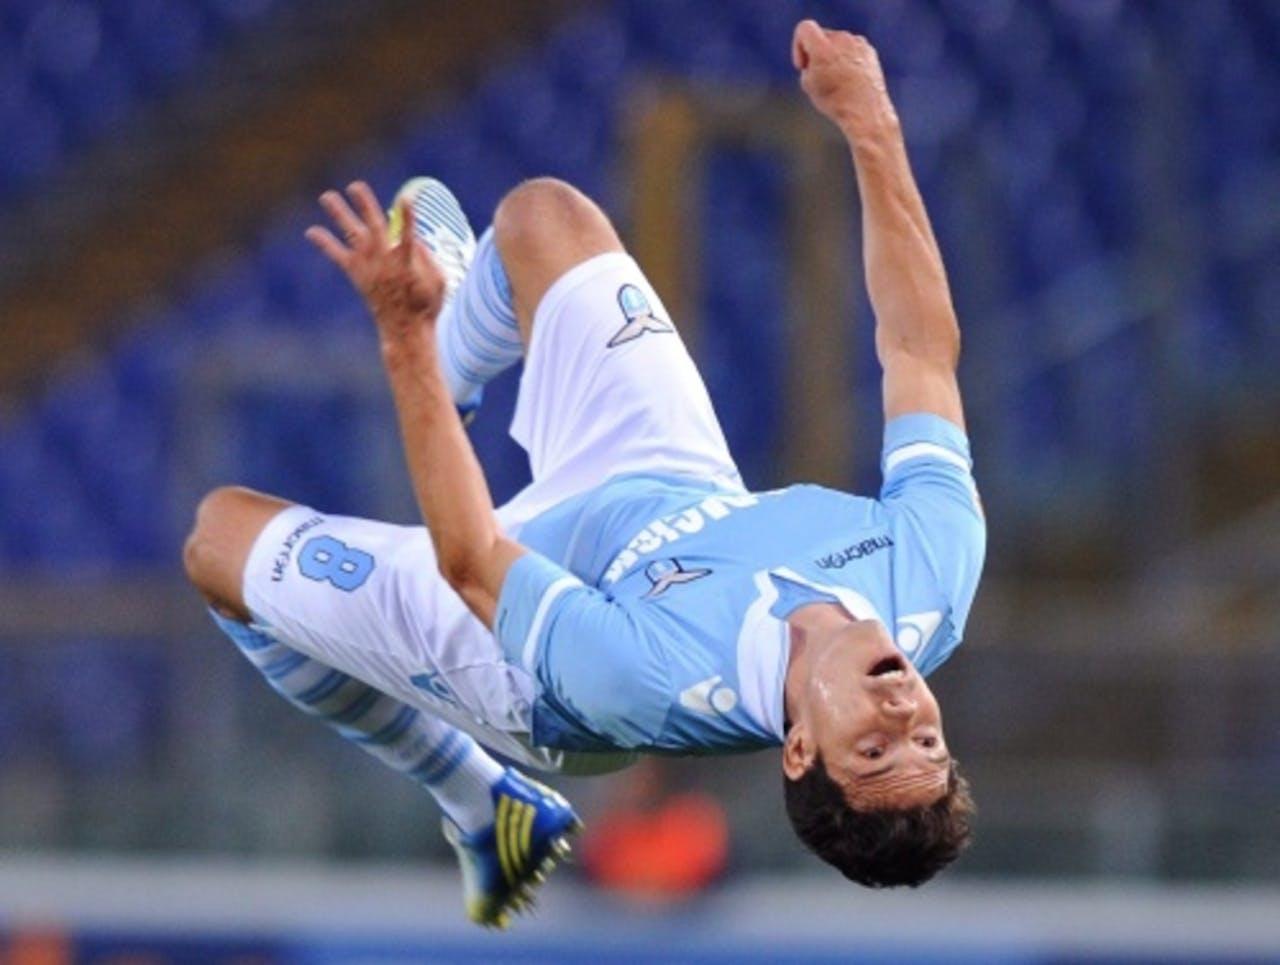 De Braziliaan Hernanes van Lazio Roma viert zijn goal tegen Udinese. EPA